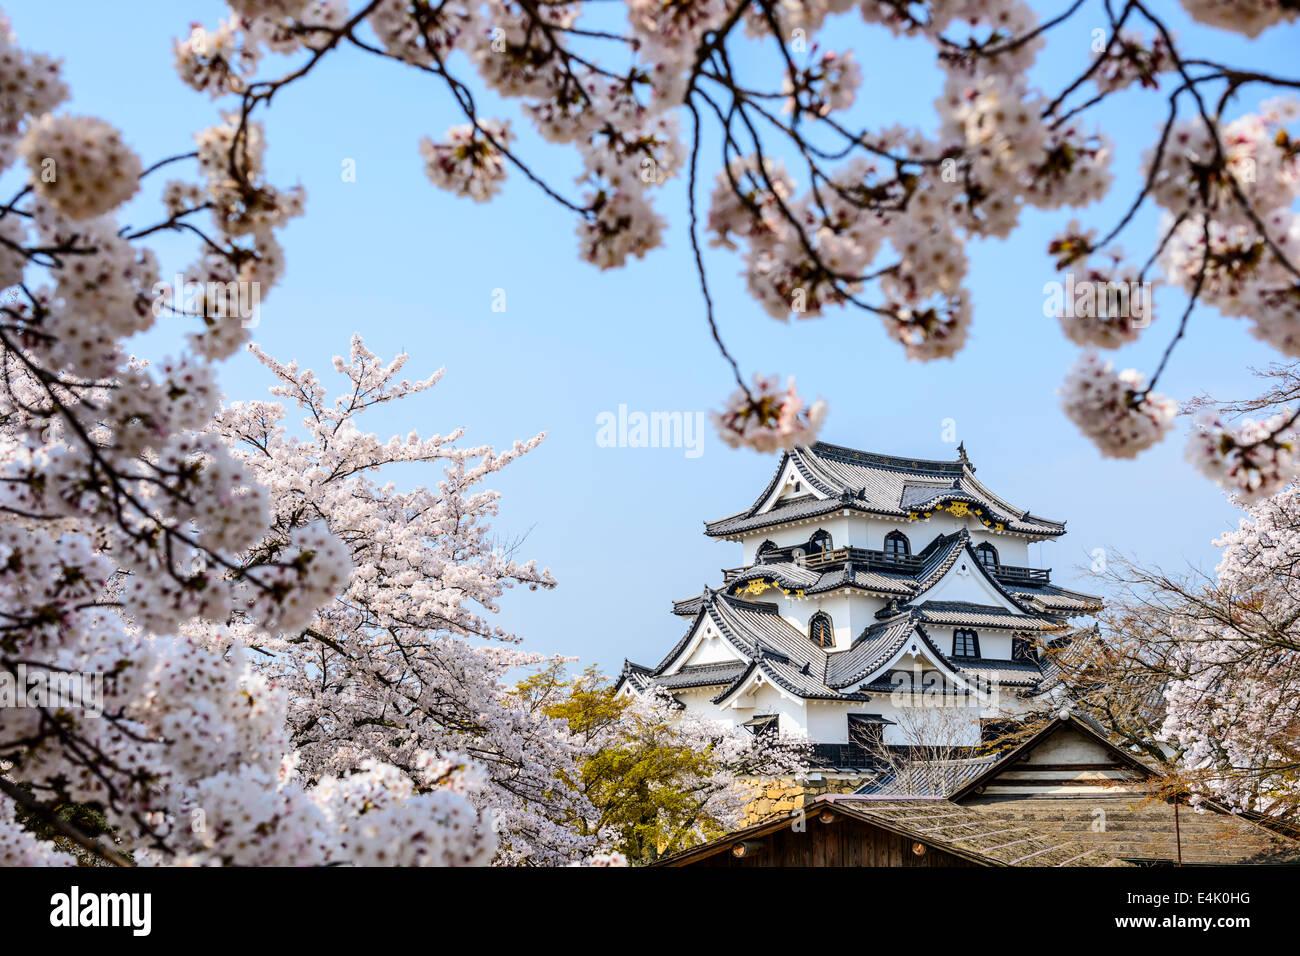 Hikone Castle in Hikone, Shiga Prefecture, Japan. - Stock Image